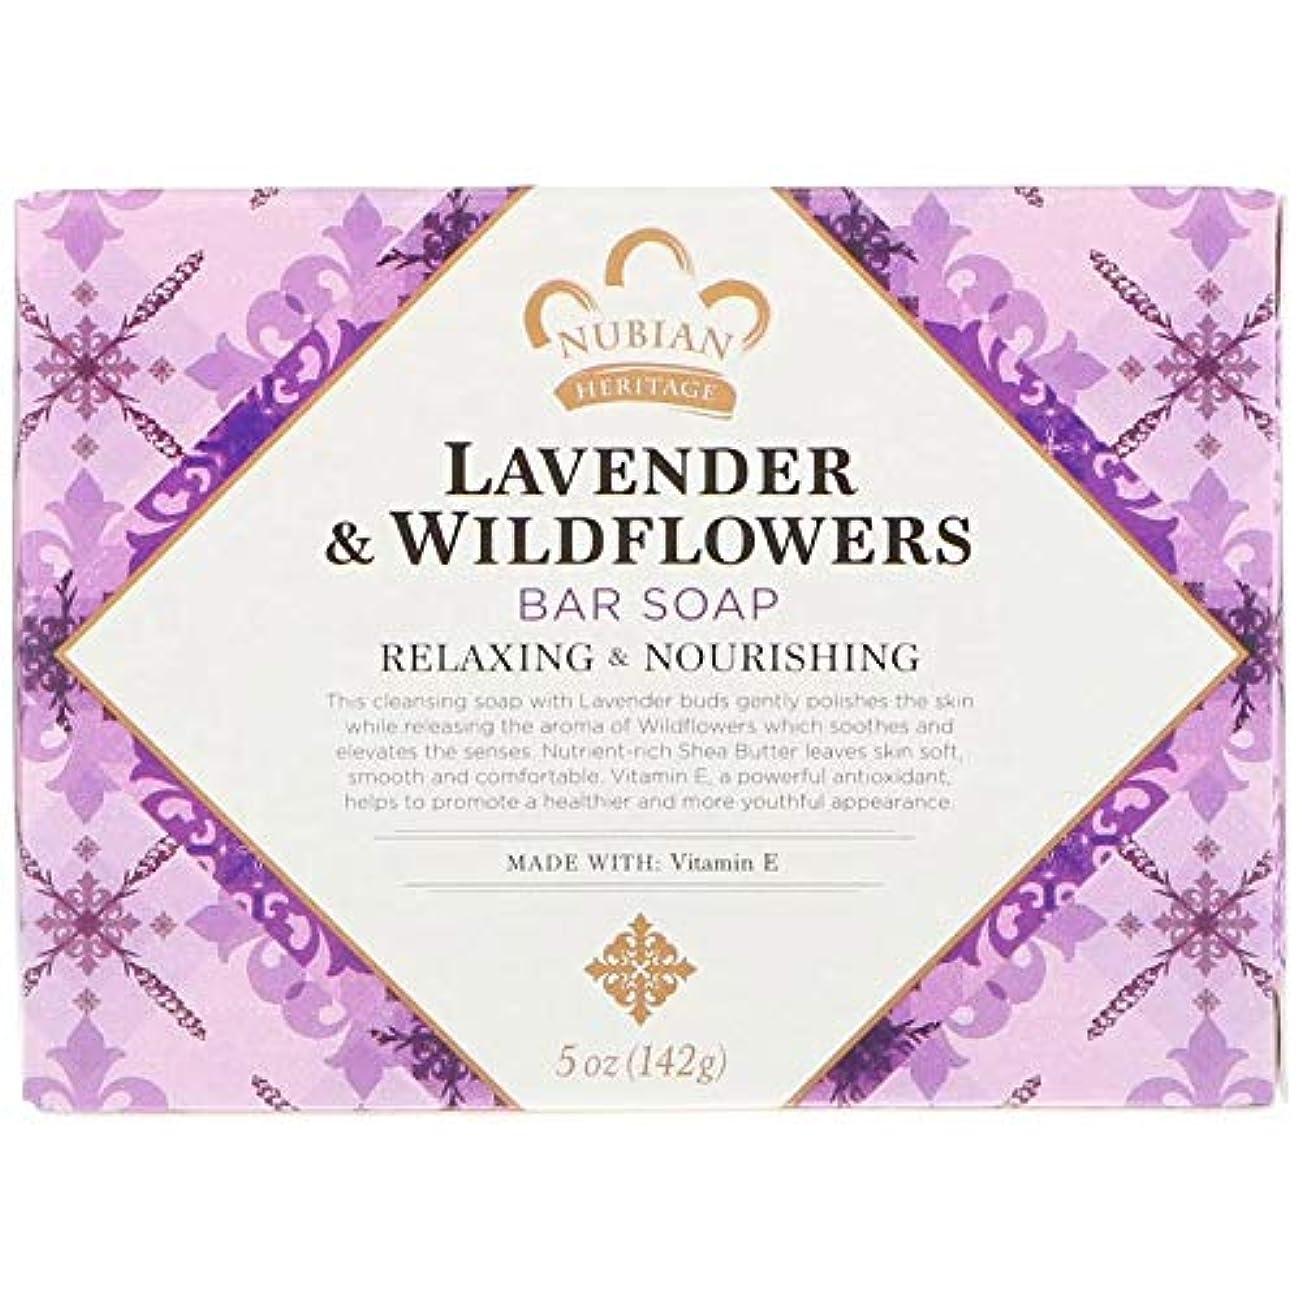 居心地の良いコピー緩むシアバターソープ石鹸 ラベンダー&ワイルドフラワー Lavender & Wildflowers Bar Soap, 5 oz (142 g) [並行輸入品]